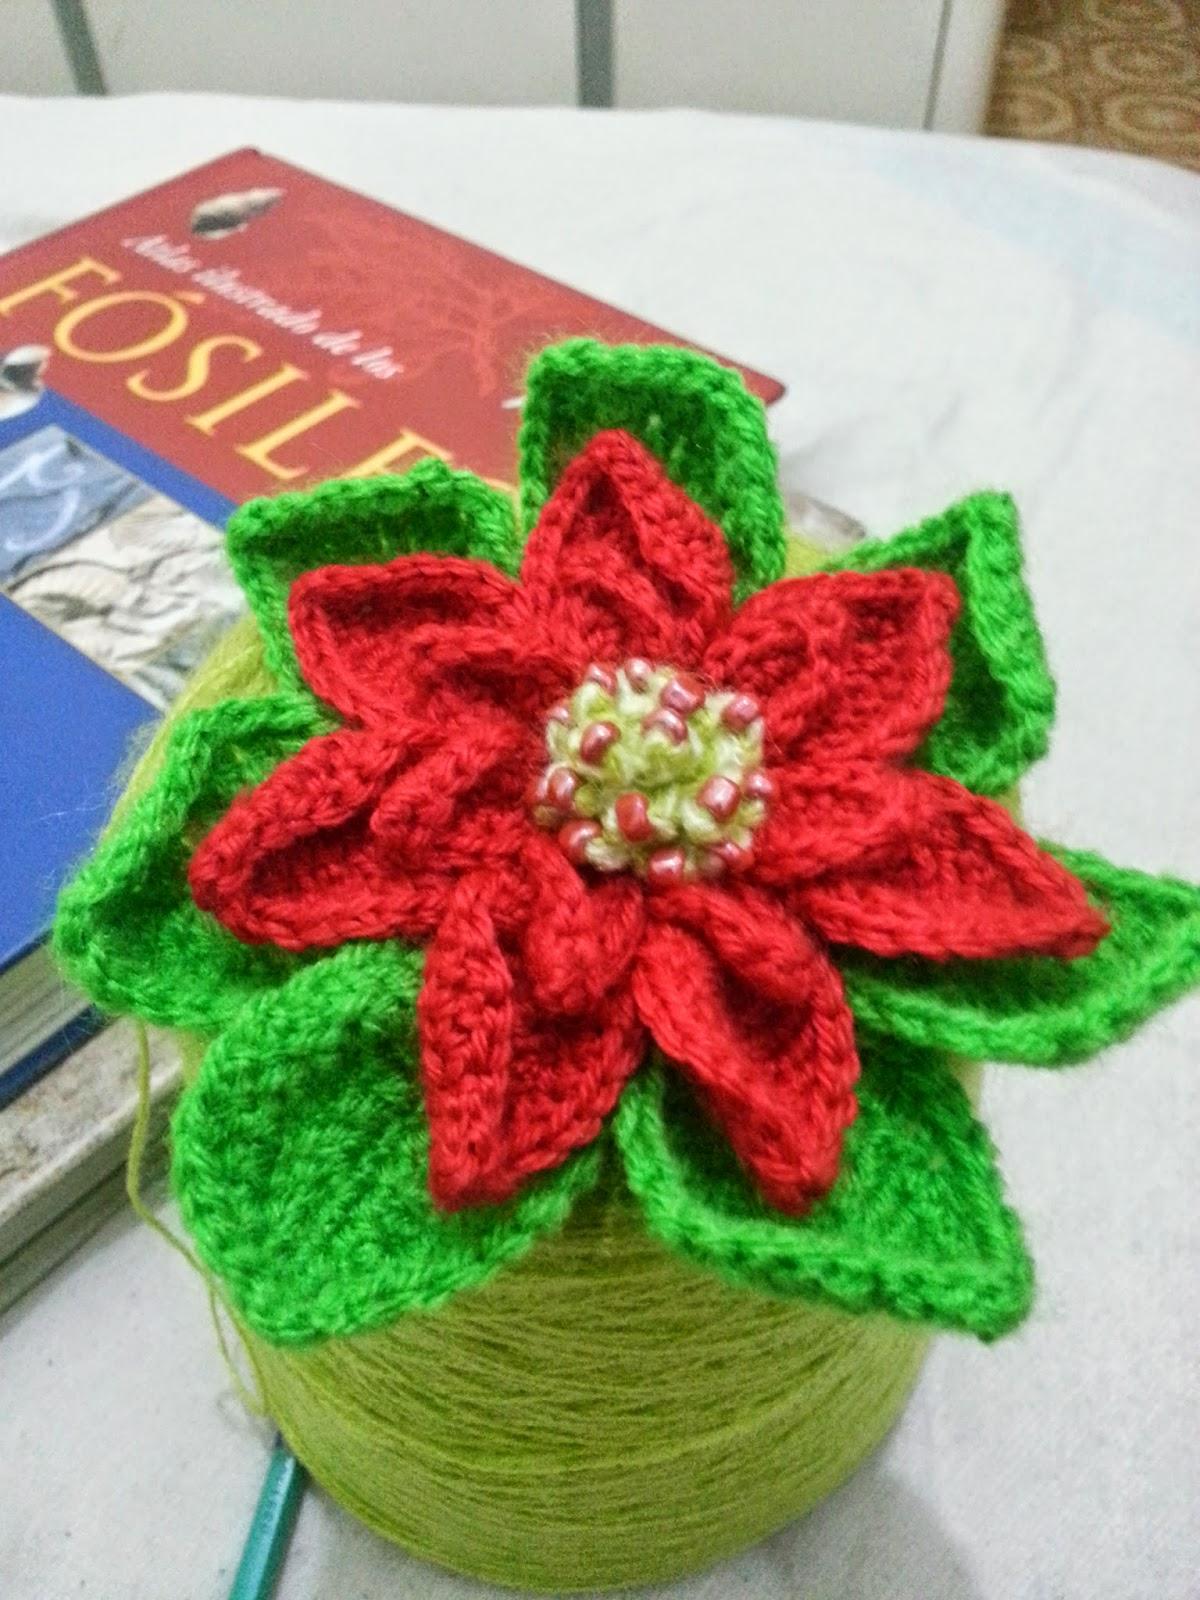 Manualidades Sencillas: Pastora/Poinsettia